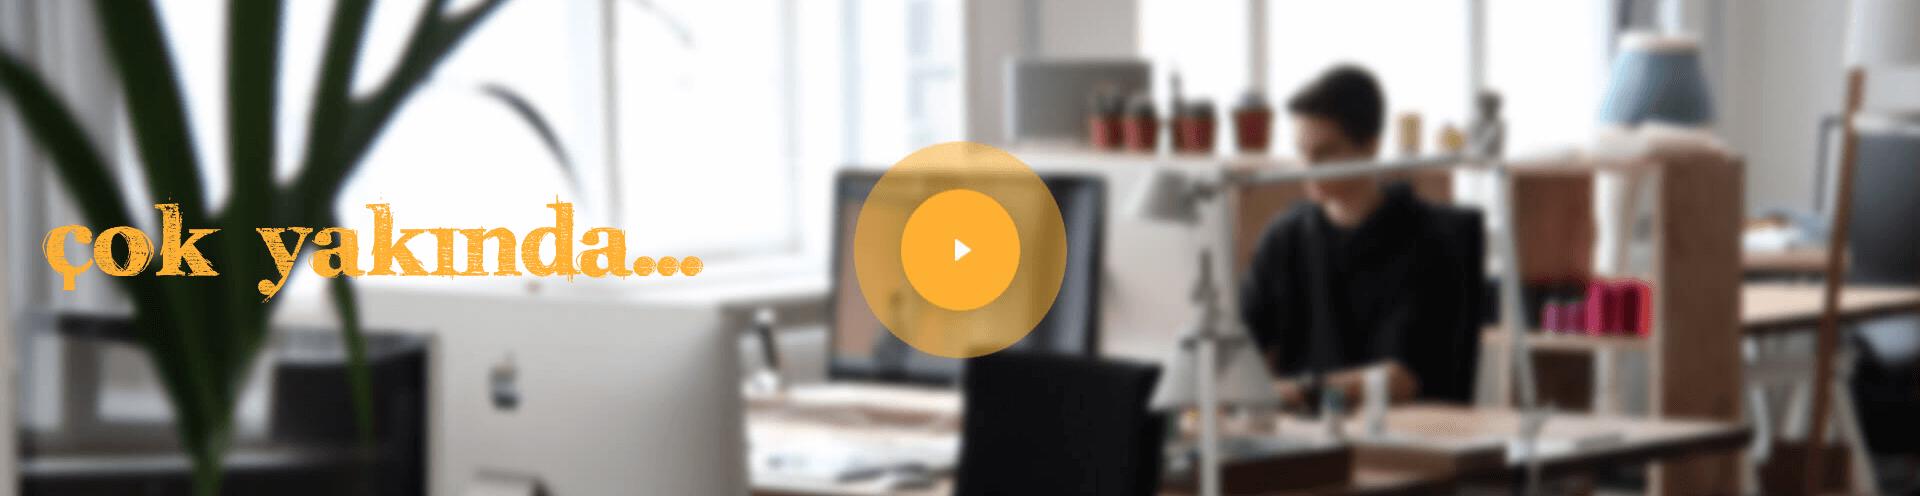 butemizlik-com_video-temizlik-hizmeti-sunum-evde-ofiste